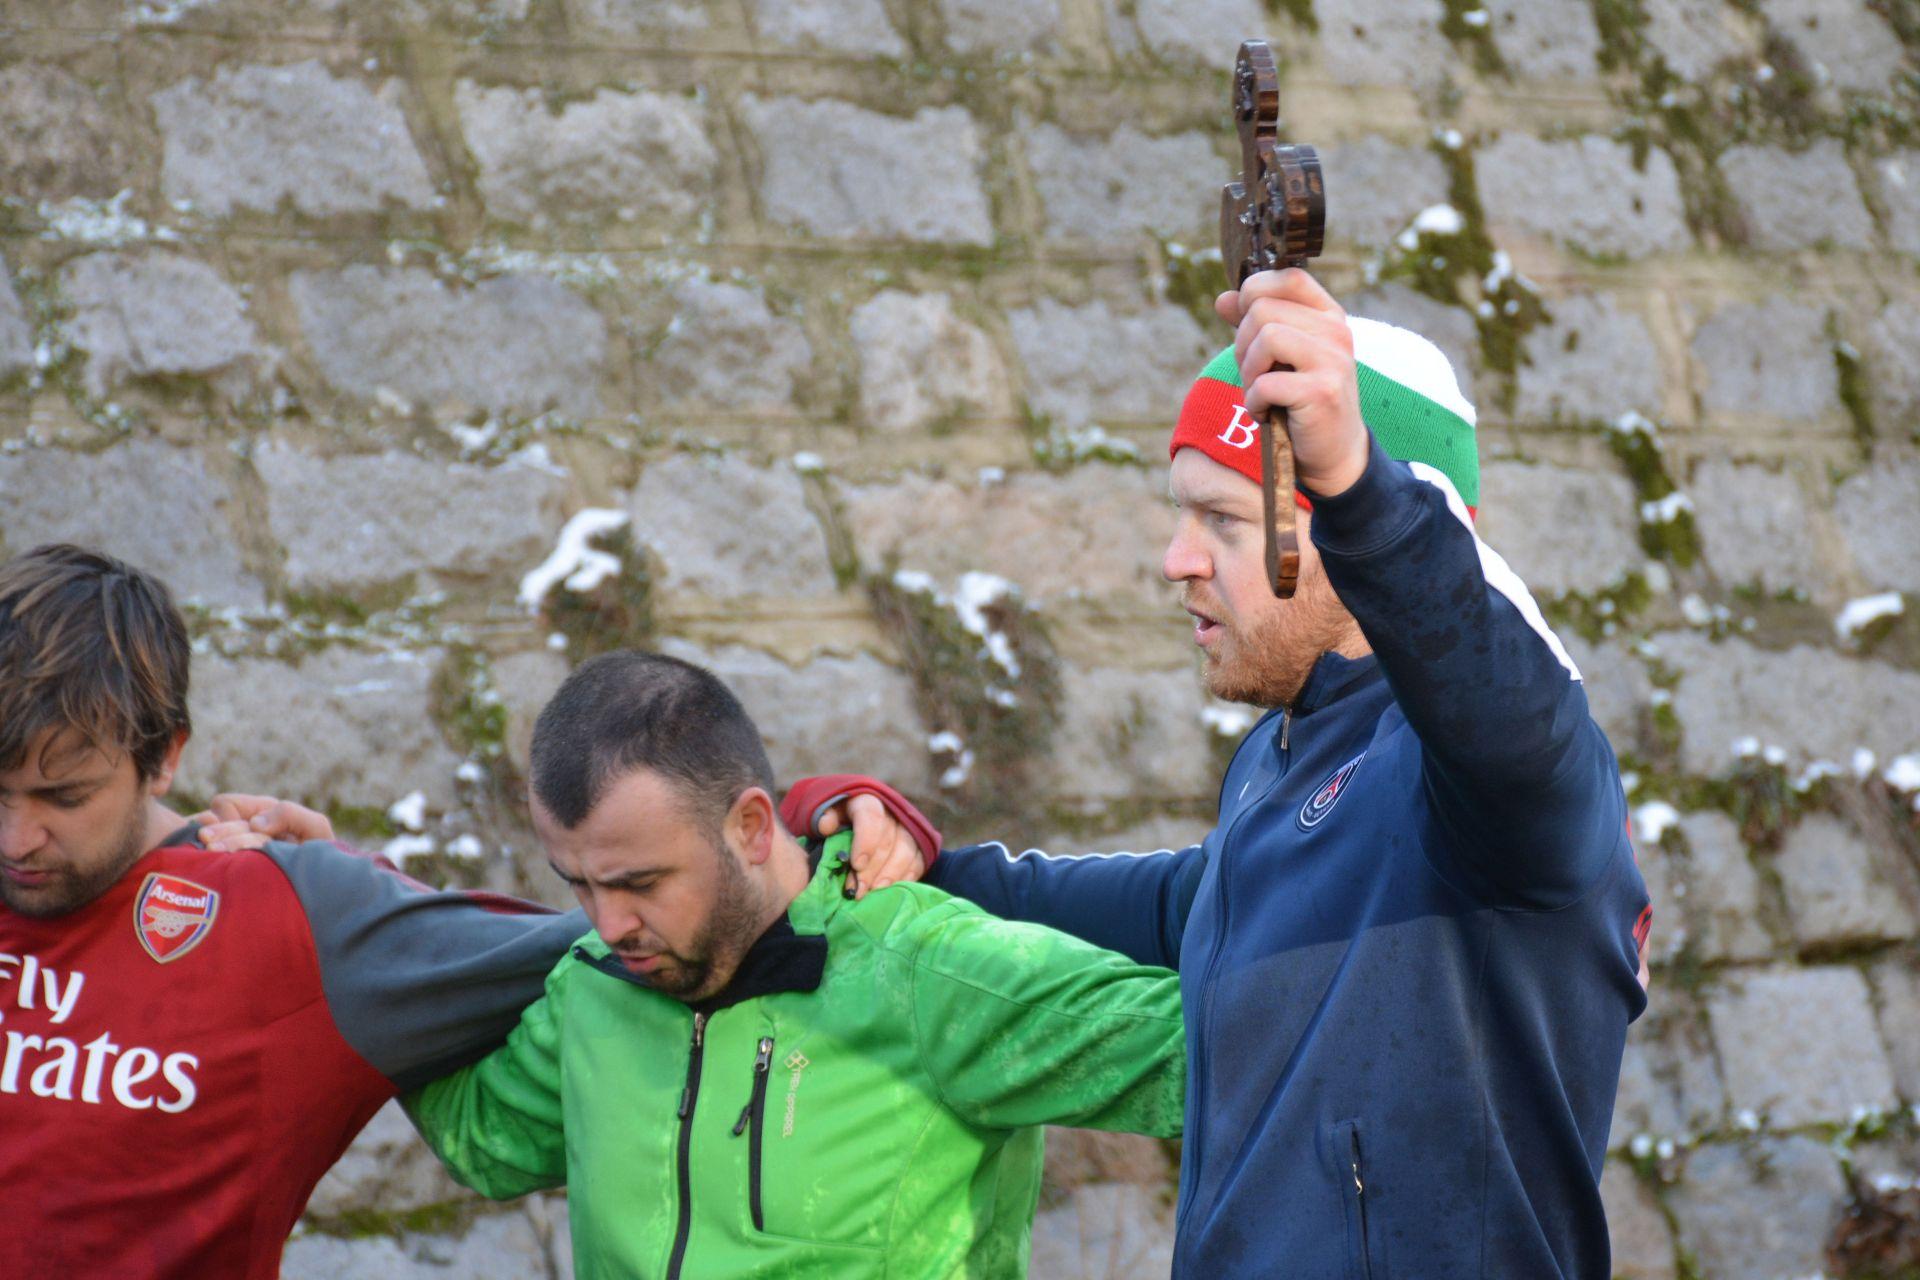 27 - годишният състезател по таекуондо Николай Томанов се добра пръв до Богоявленския кръст във водите на река Благоевградска Бистрица в Благоевград